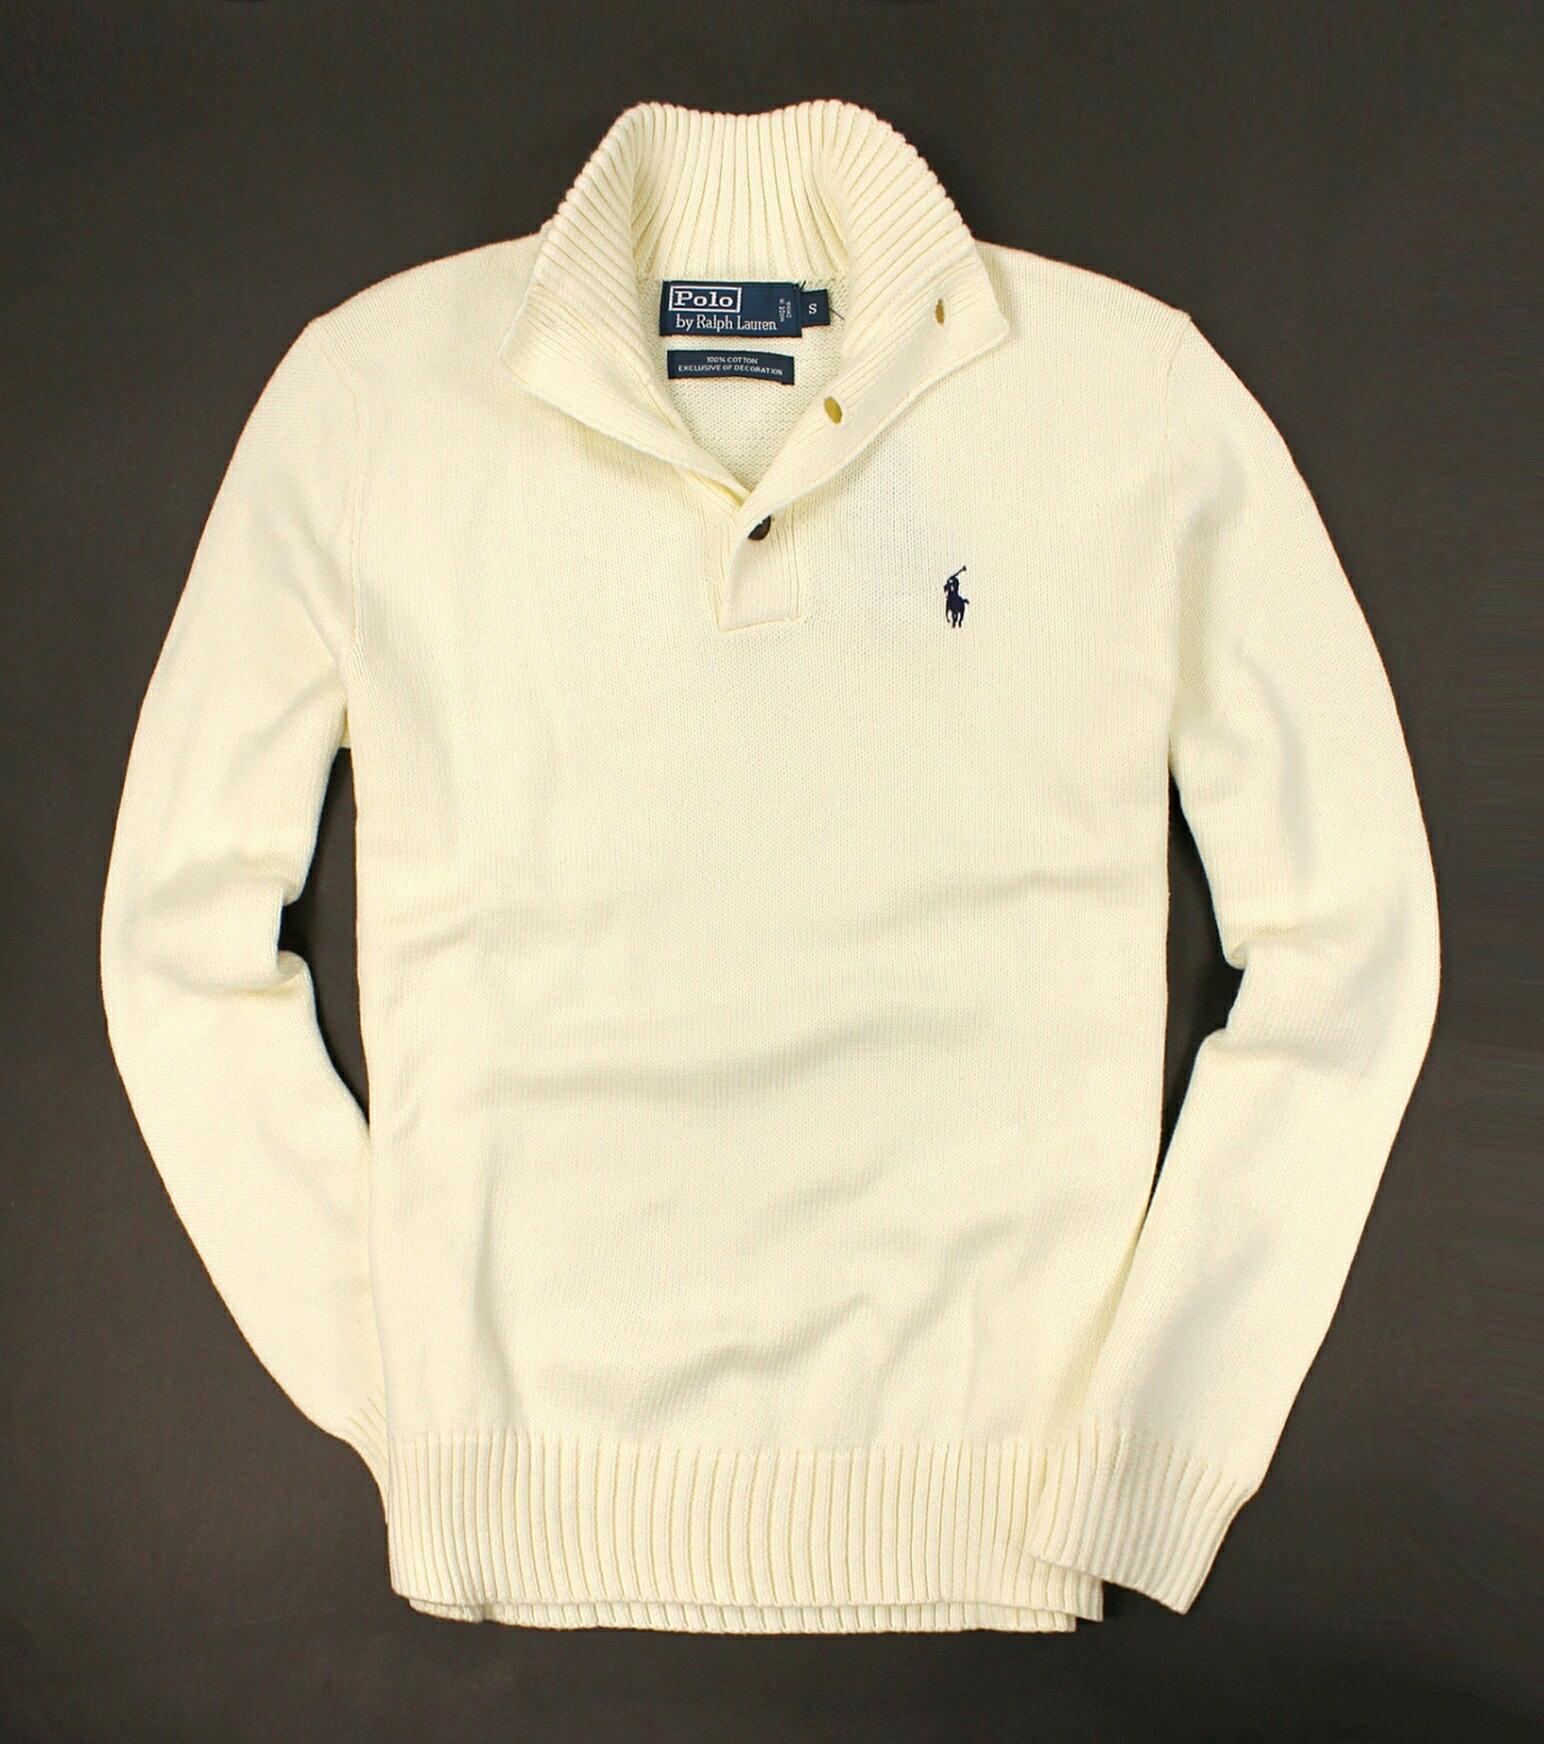 美國百分百【全新真品】Ralph Lauren 針織衫 RL 線衫 棉質毛衣 Polo 小馬 白 立領 鈕扣 男 S M號 A068